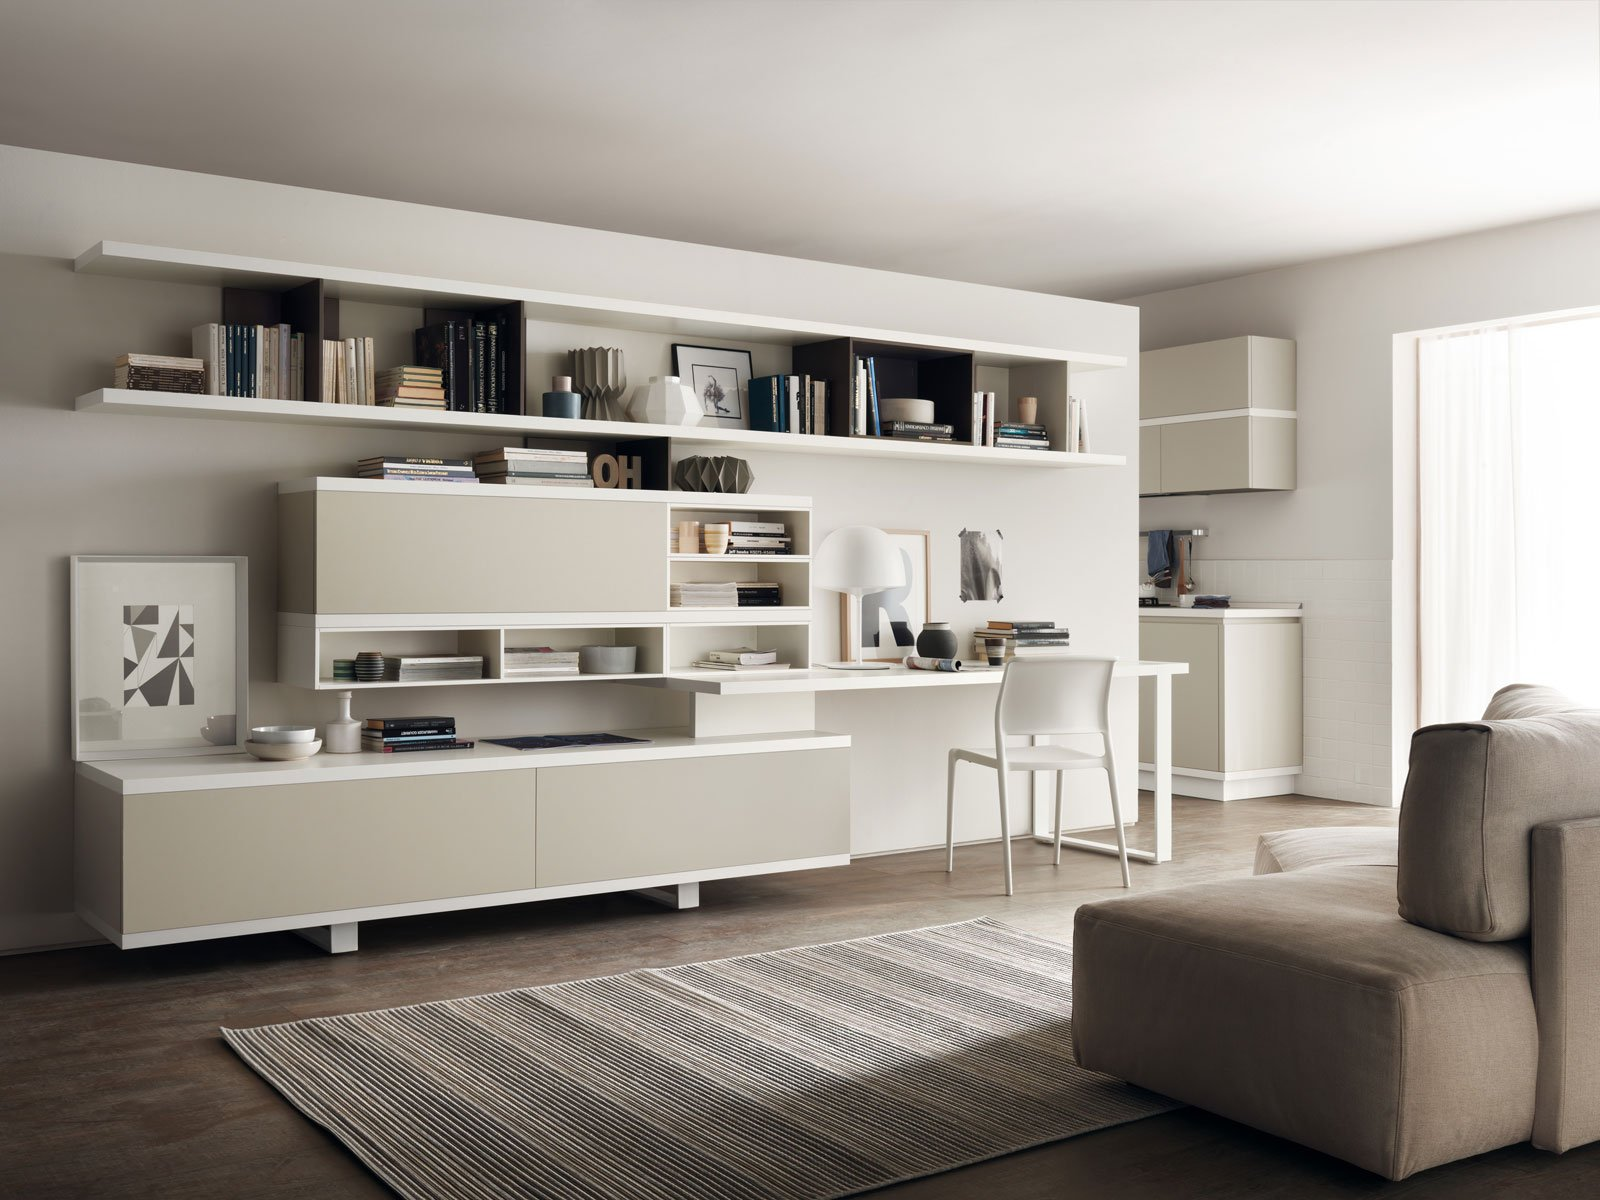 Scrivania A Scomparsa Con Libreria : Angolo studio in soggiorno integrato nella libreria o in un